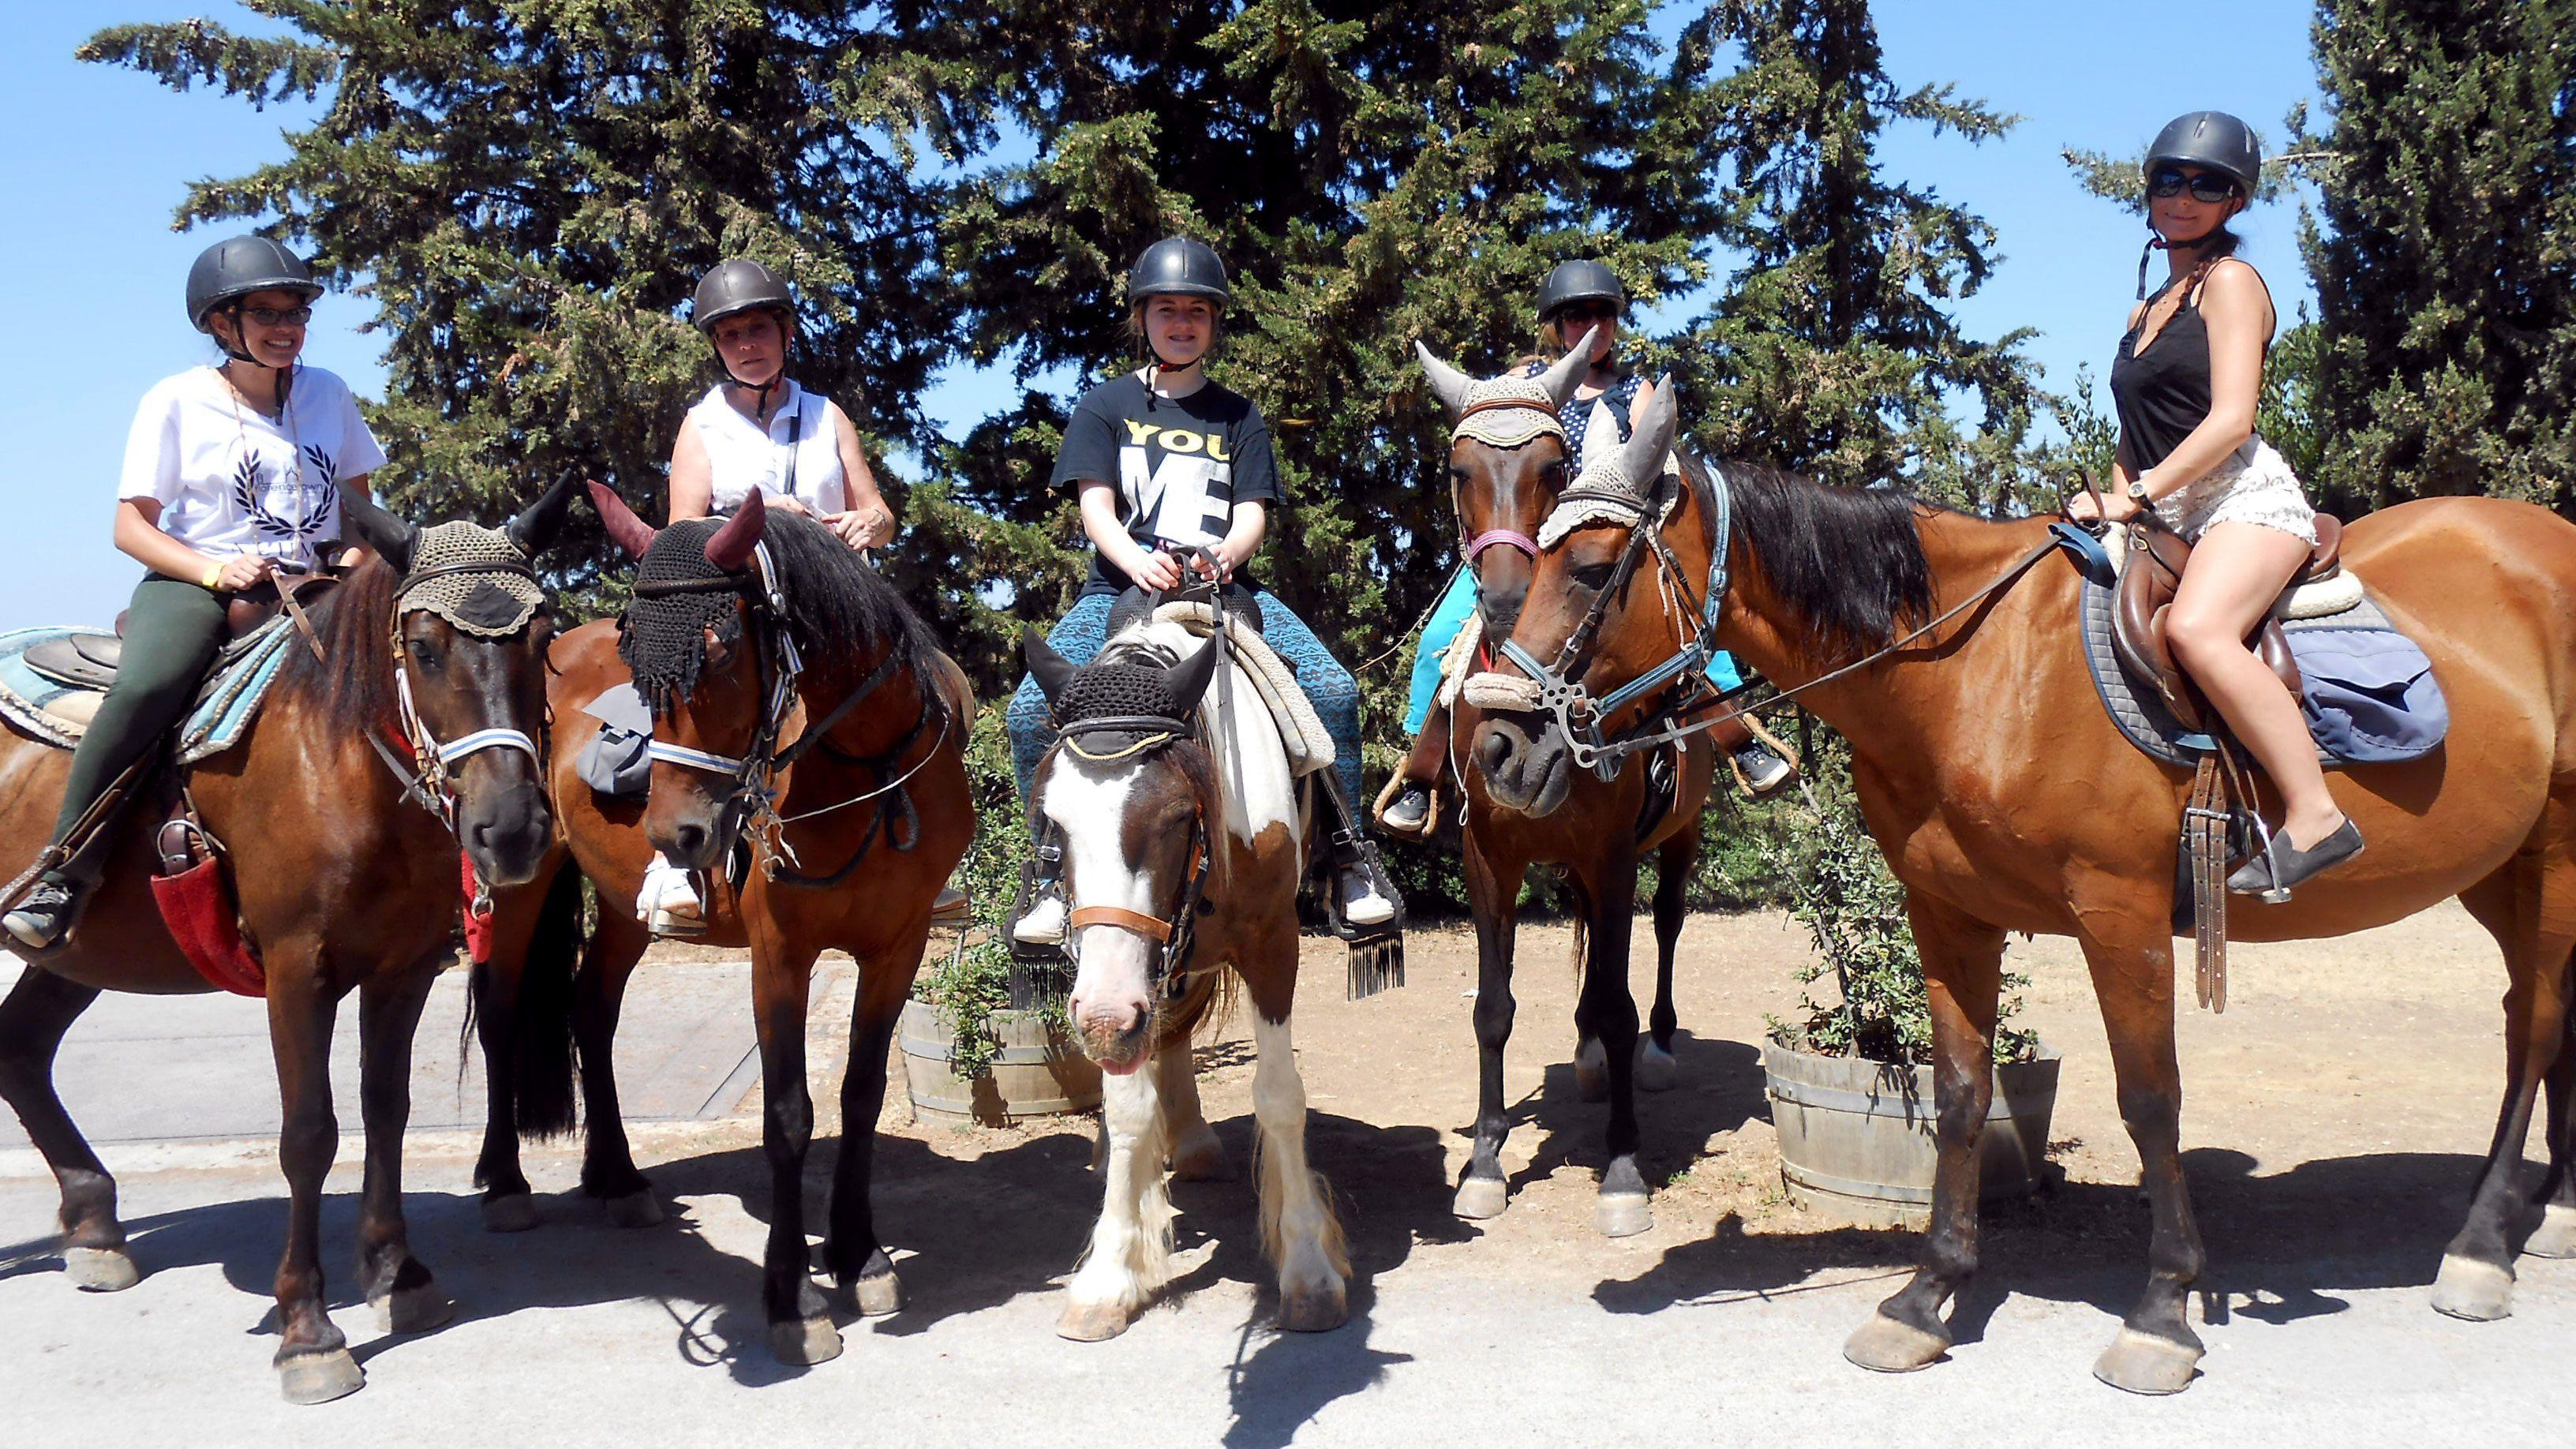 Hästridning i Toscana med provsmakning av Chianti-viner